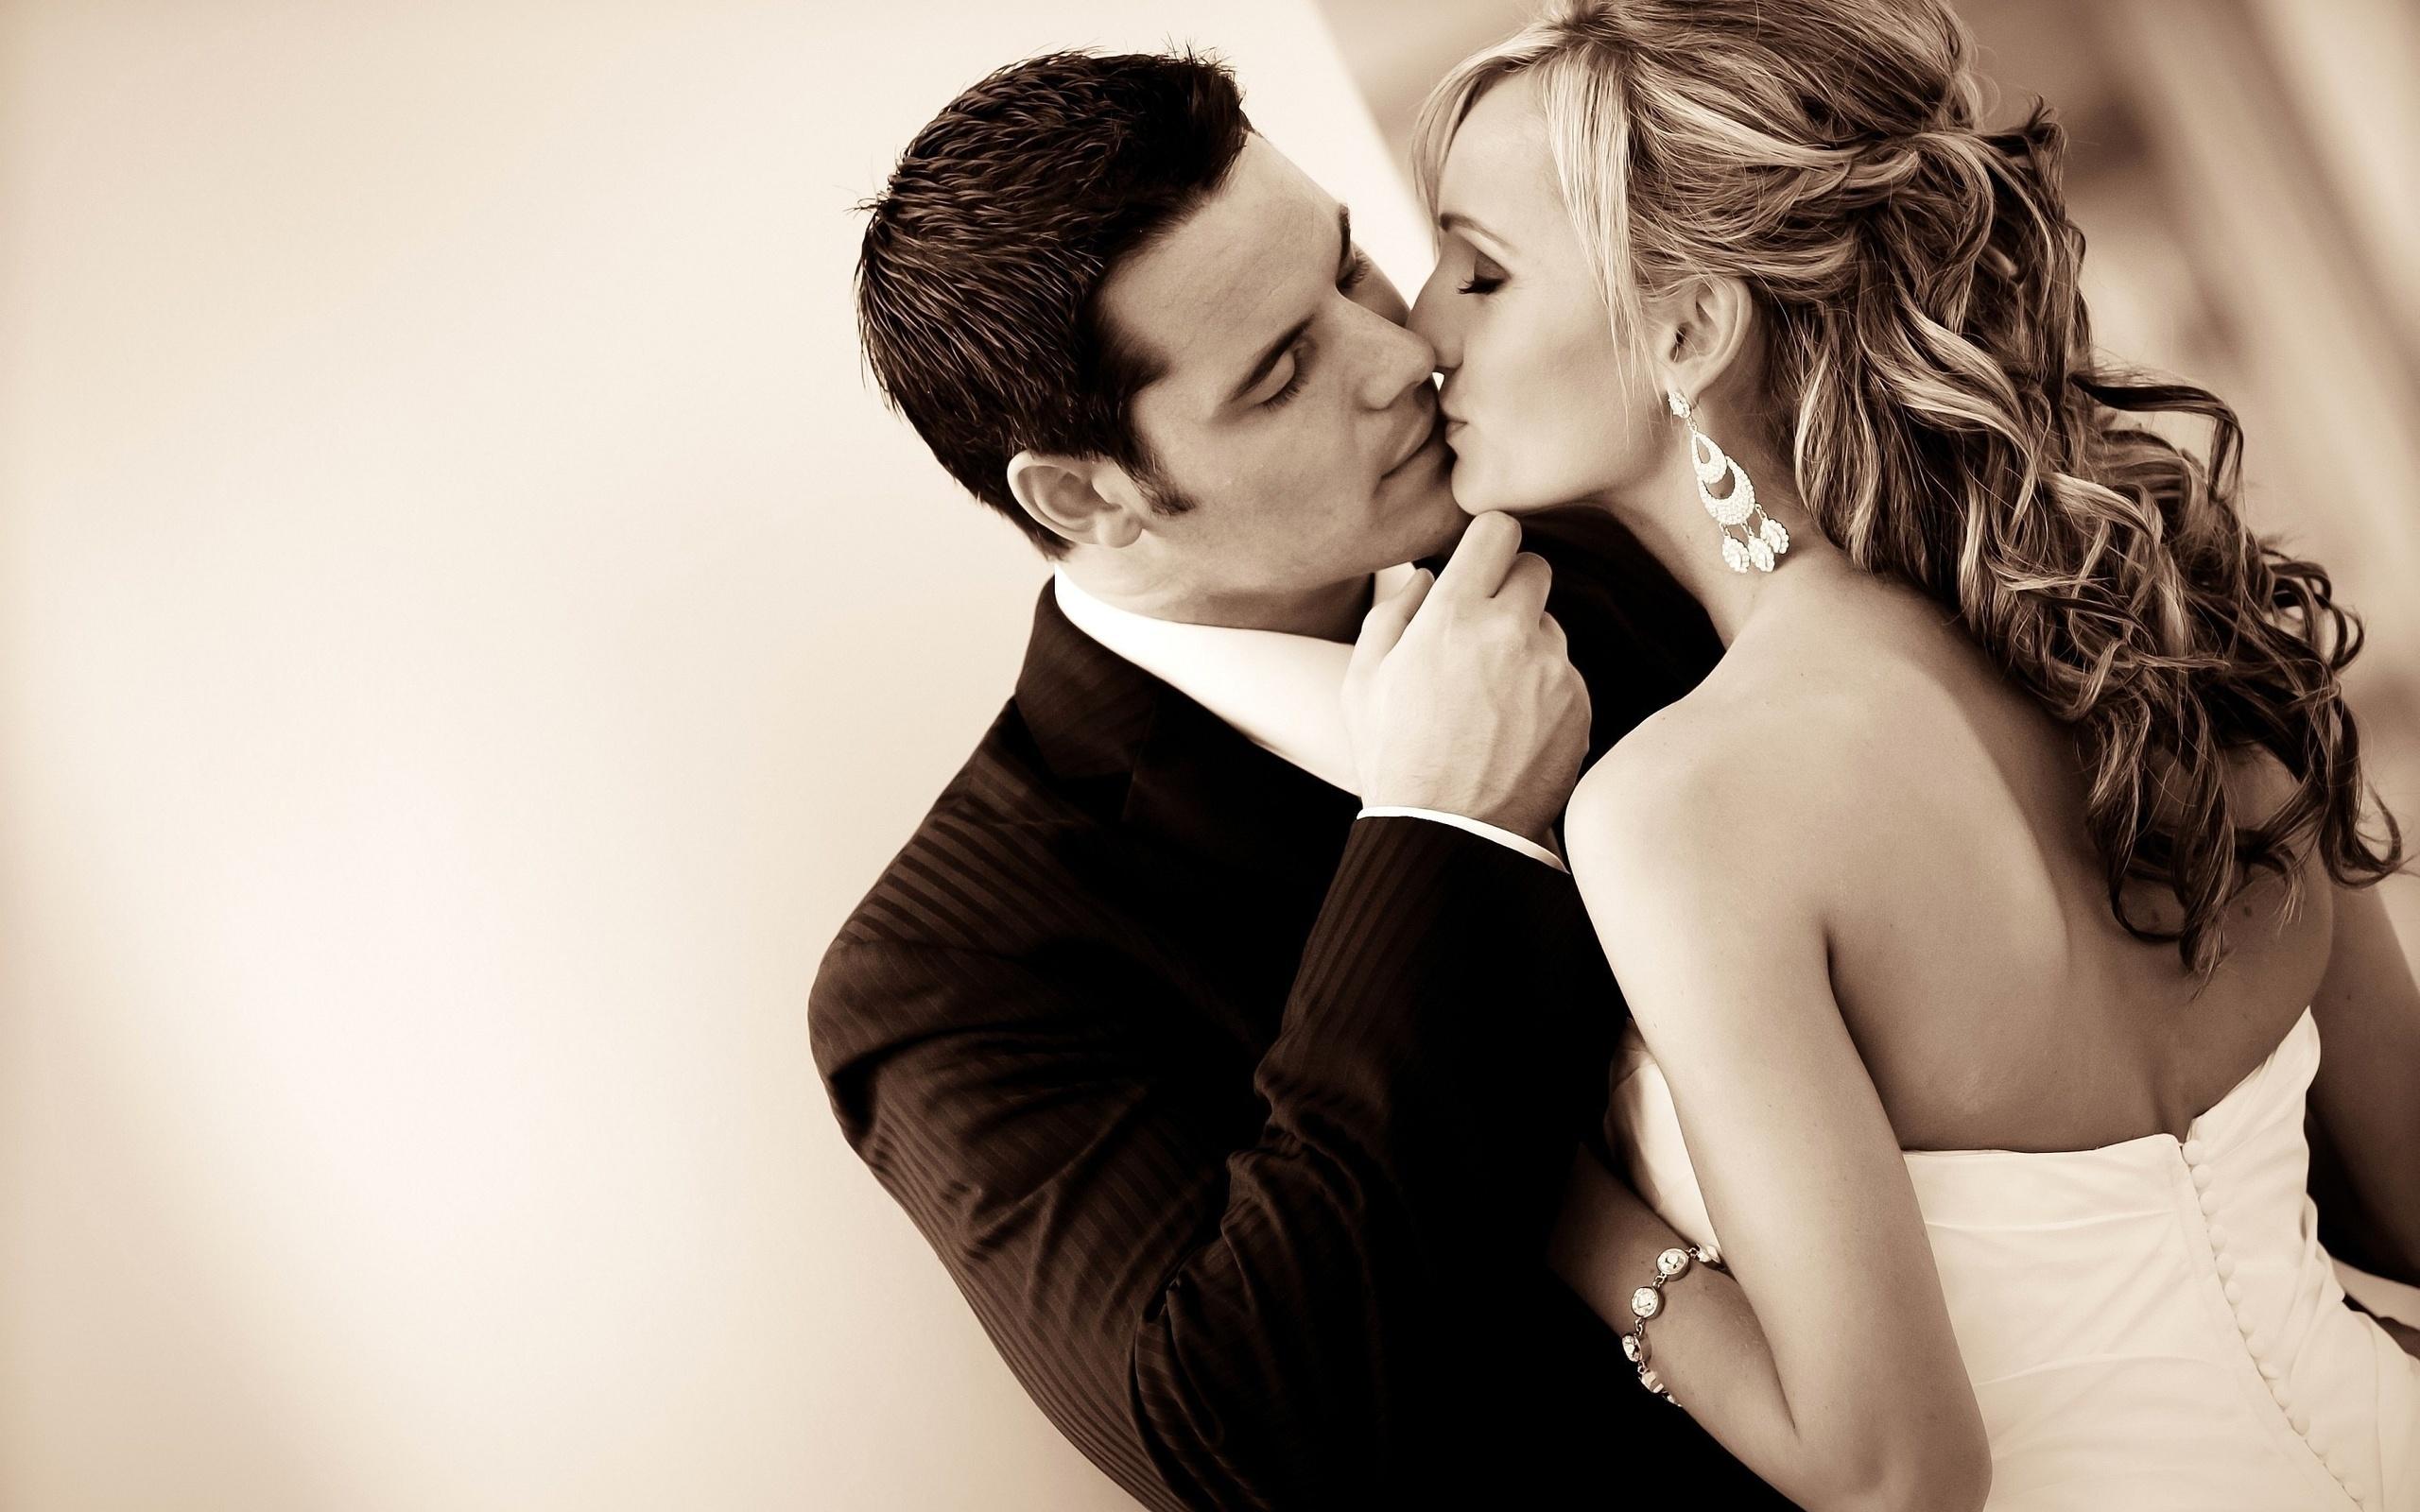 картинки игривый поцелуй этого